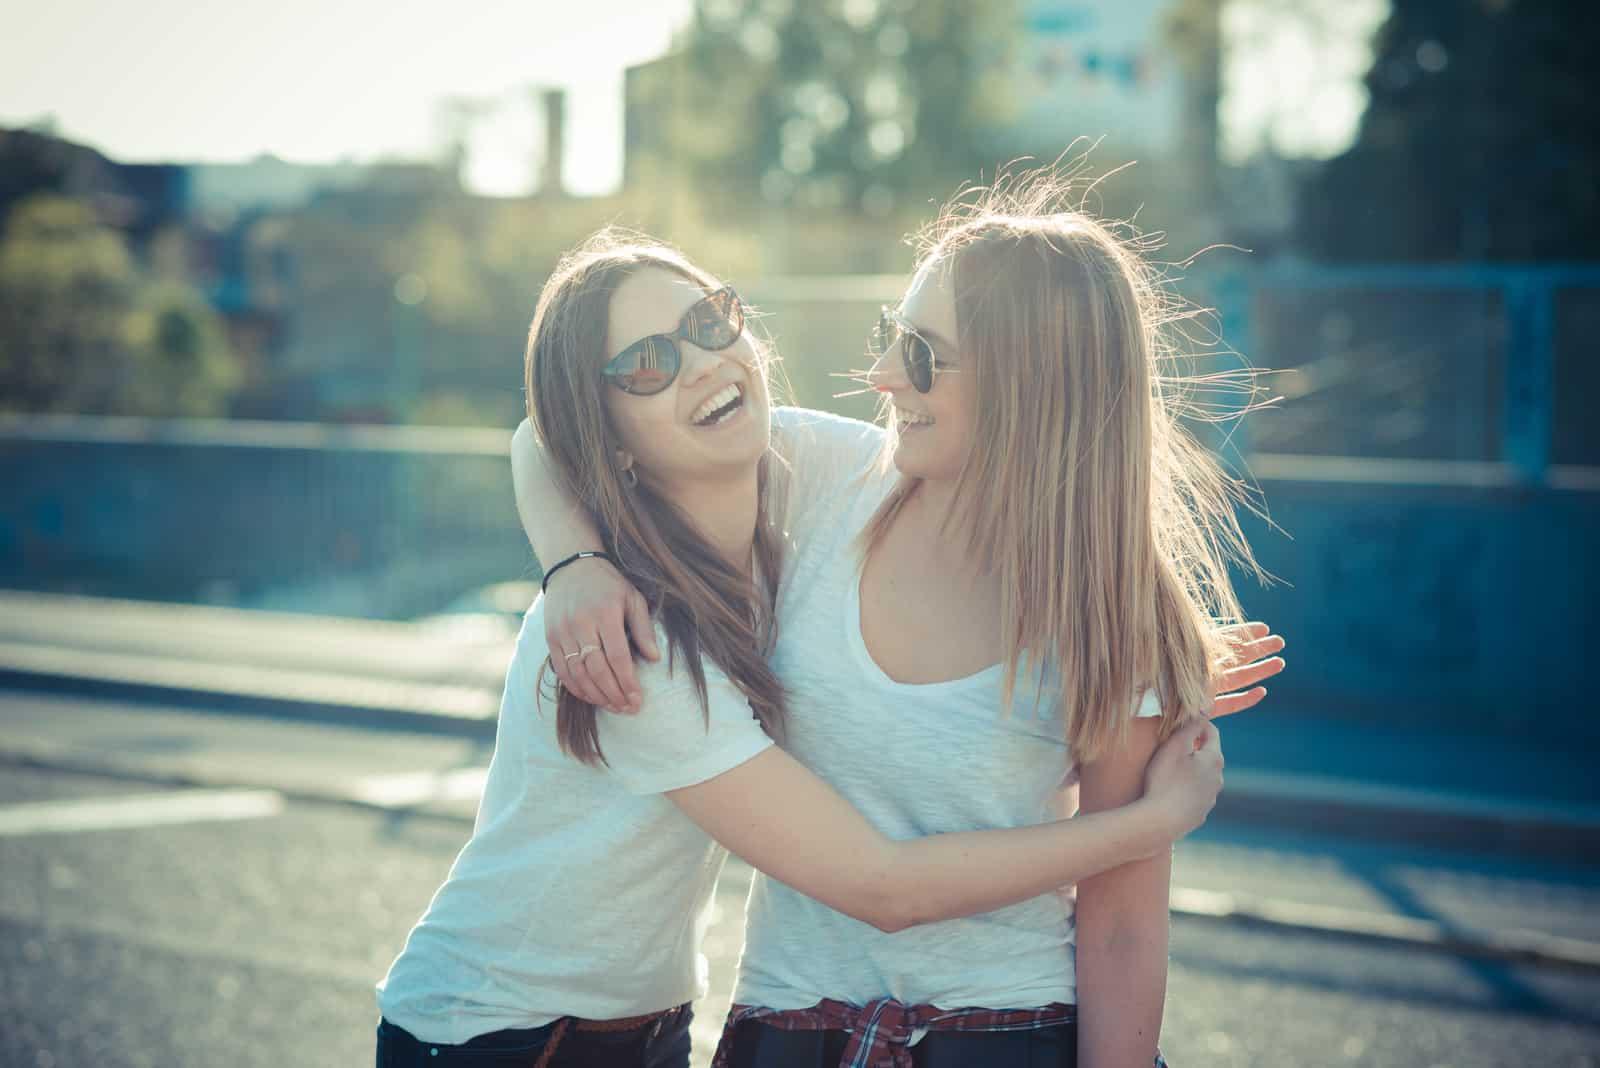 två vackra unga kvinnor som har kul i staden